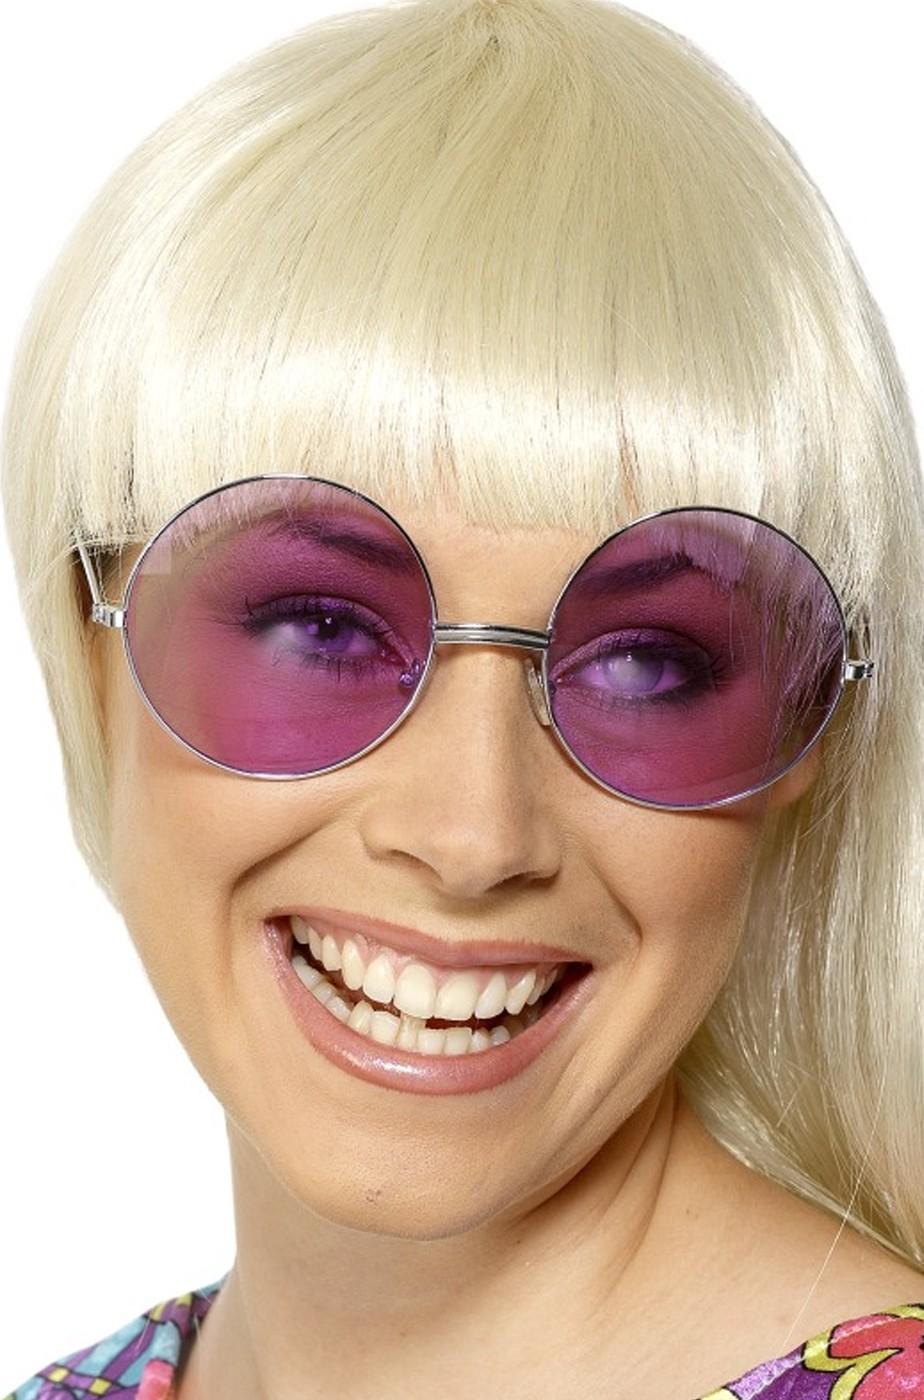 Occhiali anni 70 grandi rosa